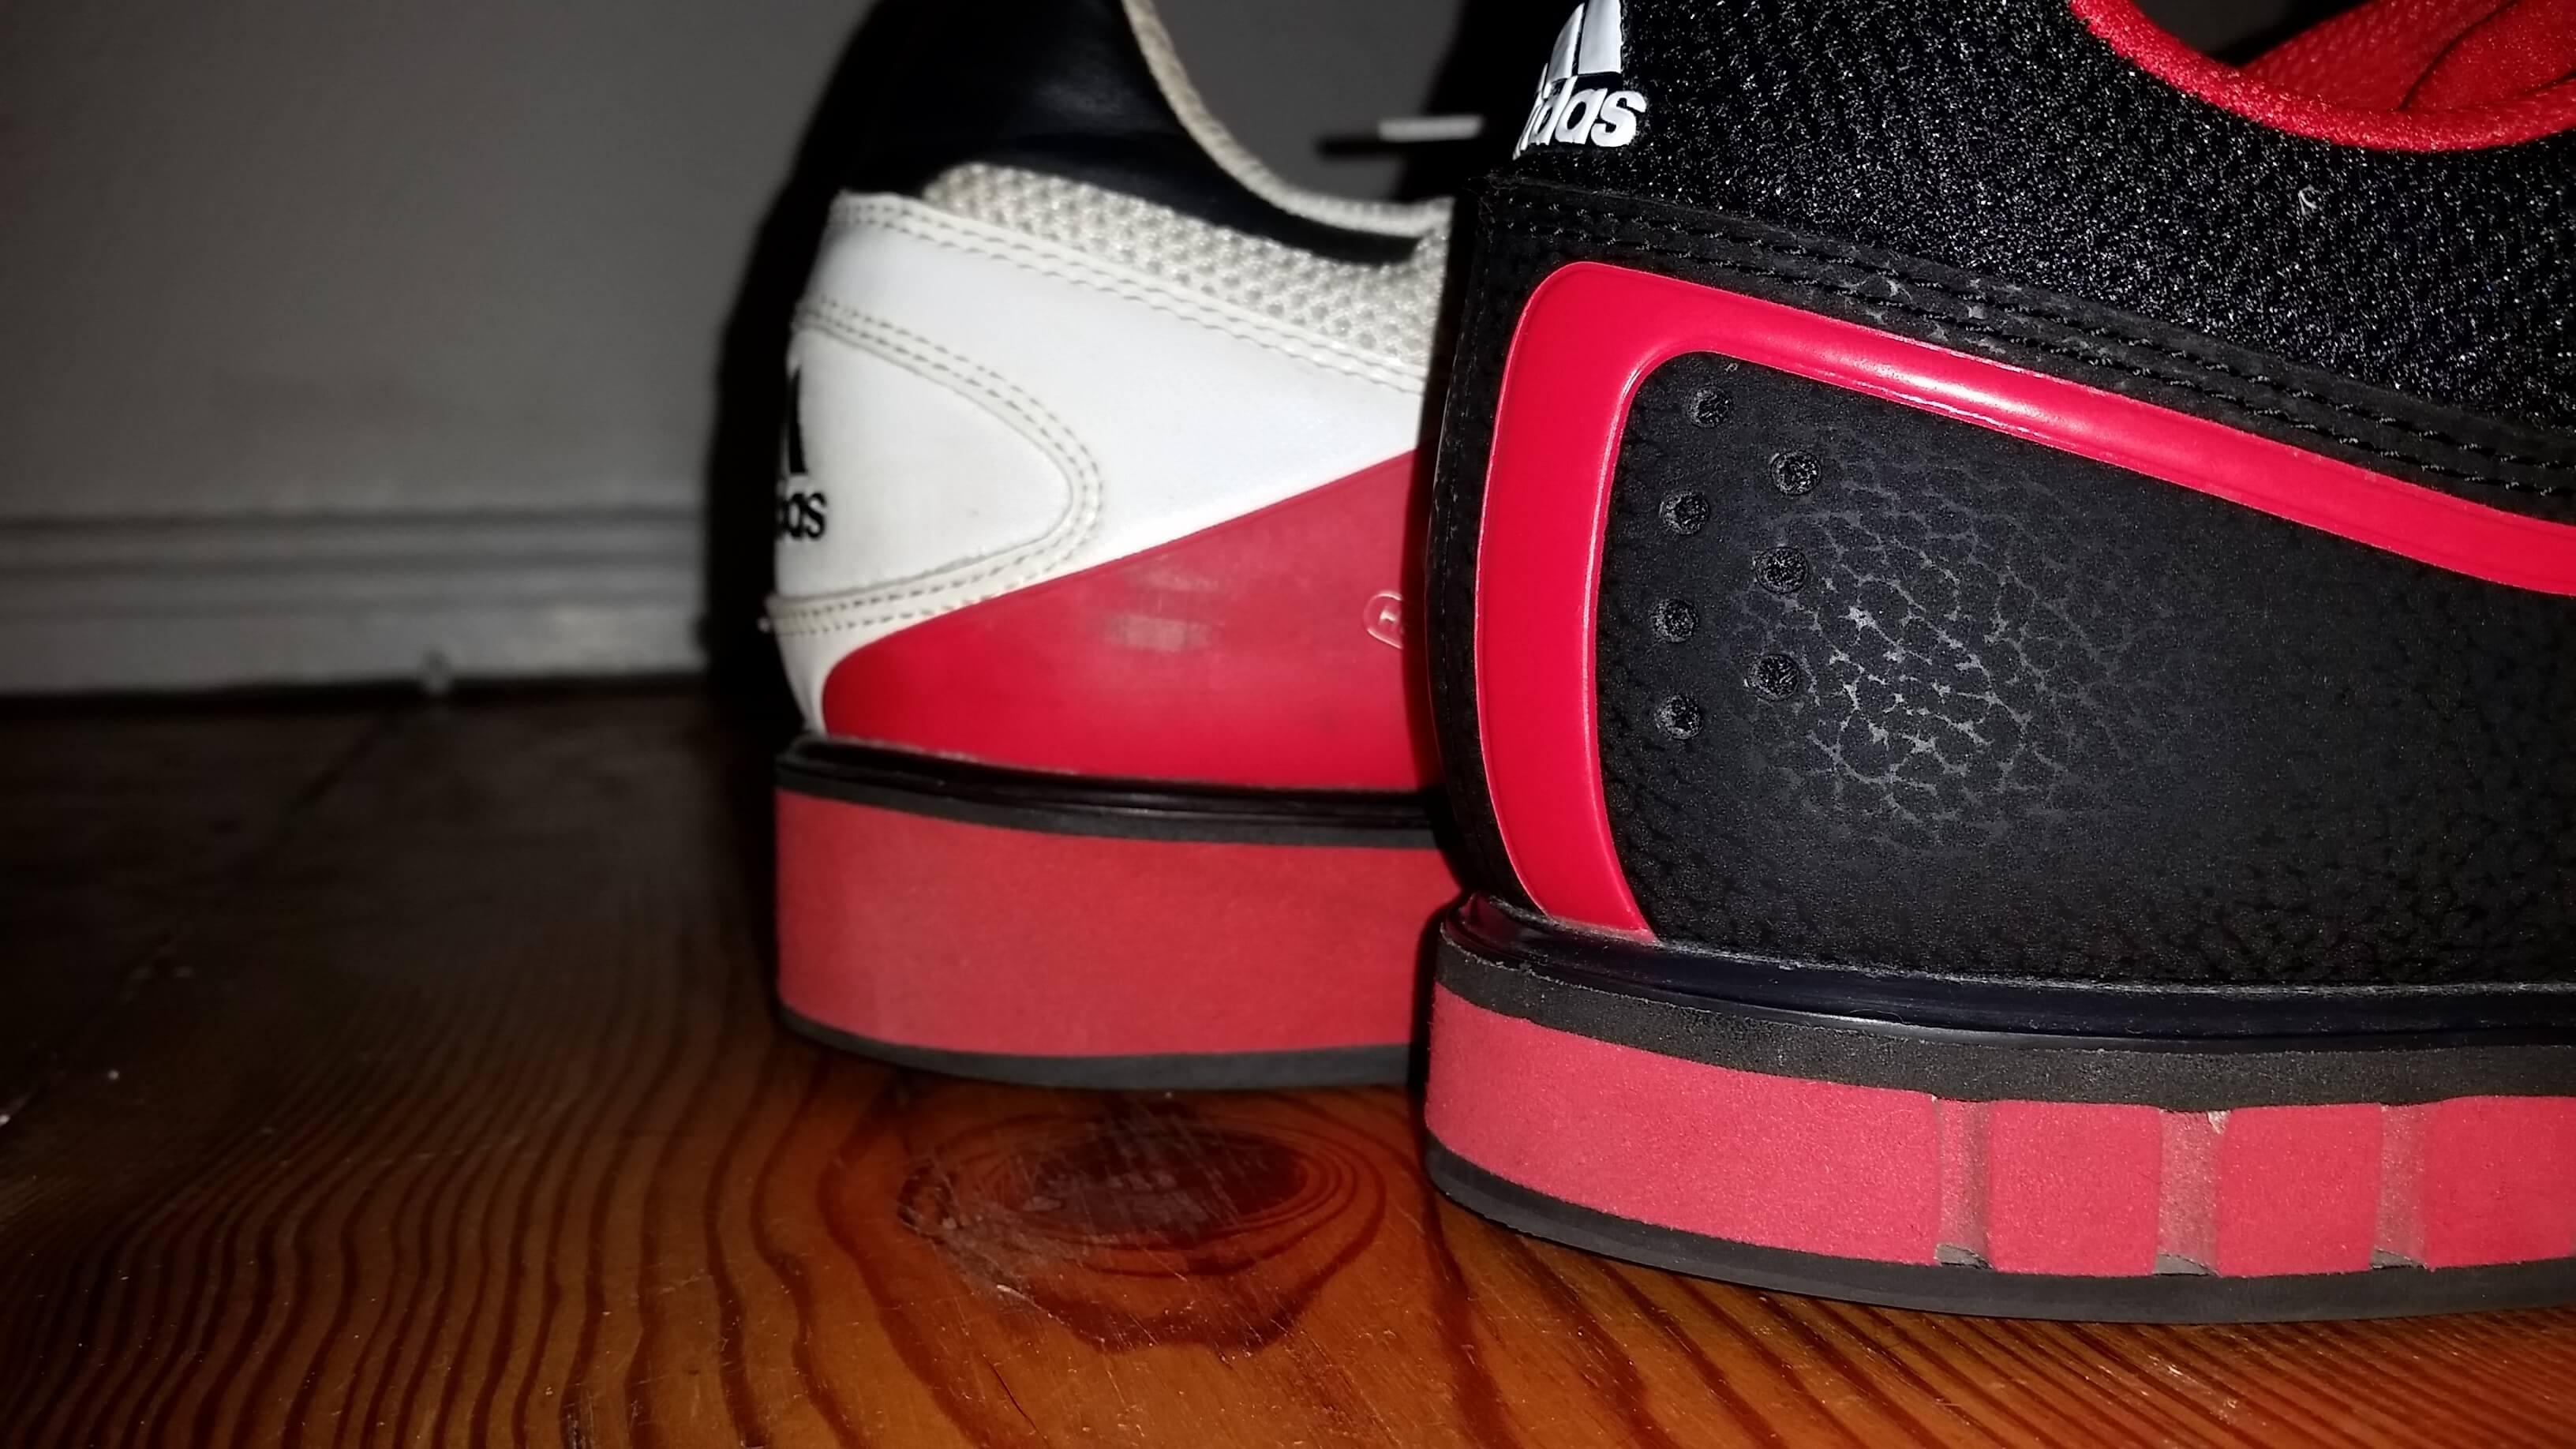 Adidas Powerlift 2 und Adidas Power Perfect 2 im Vergleich